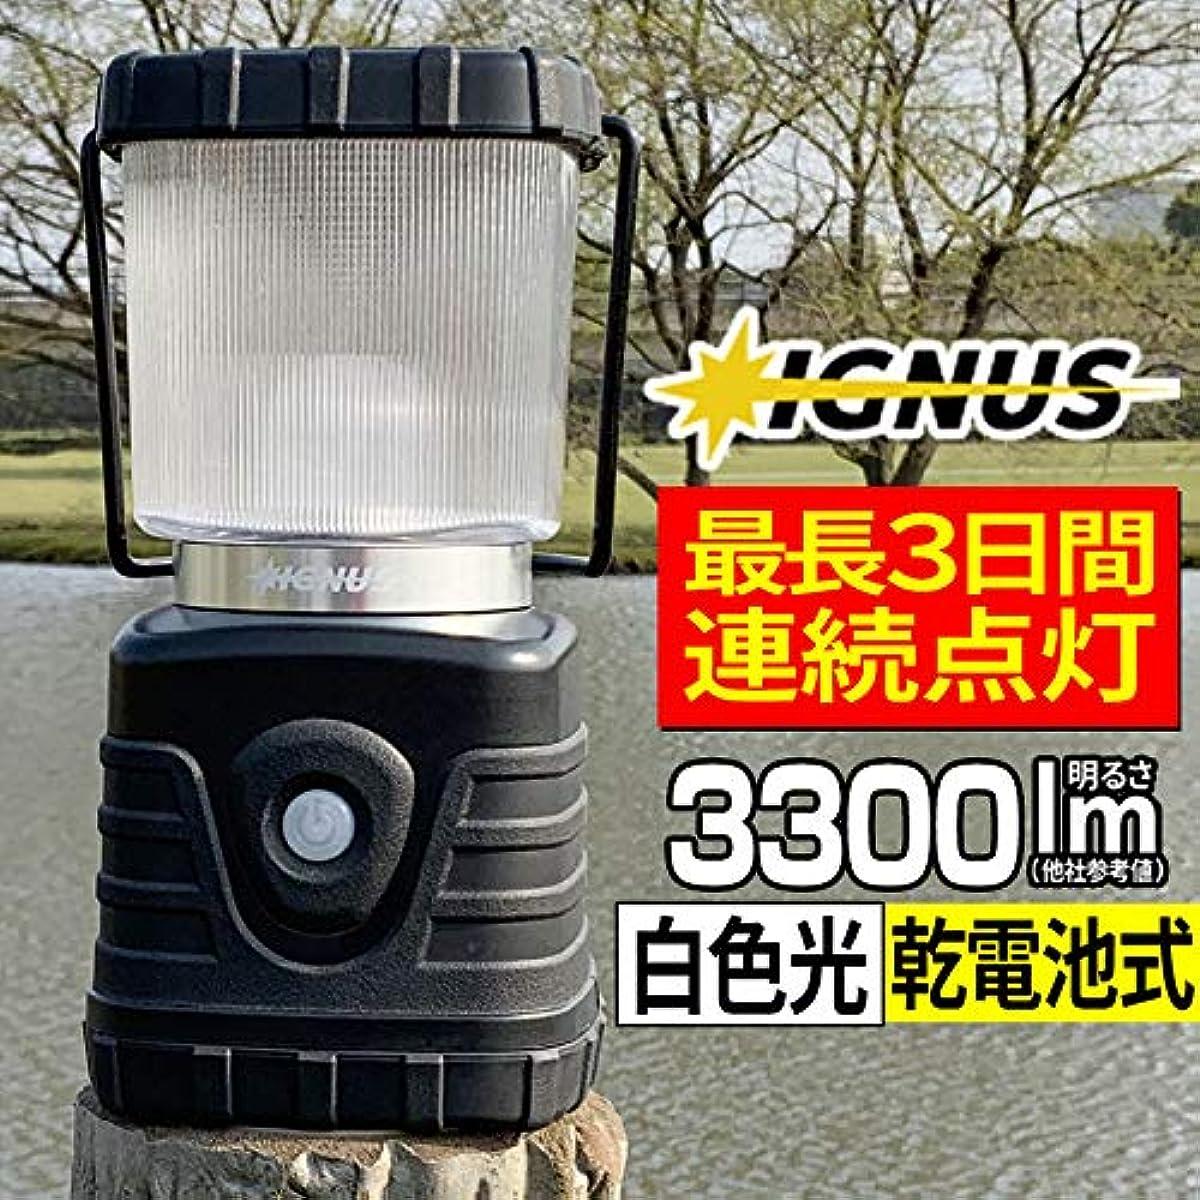 [해외] LED 랜턴 이그 가지 자이언트 IG-T3000GT 밝기3000루멘 145시건 연속 점등